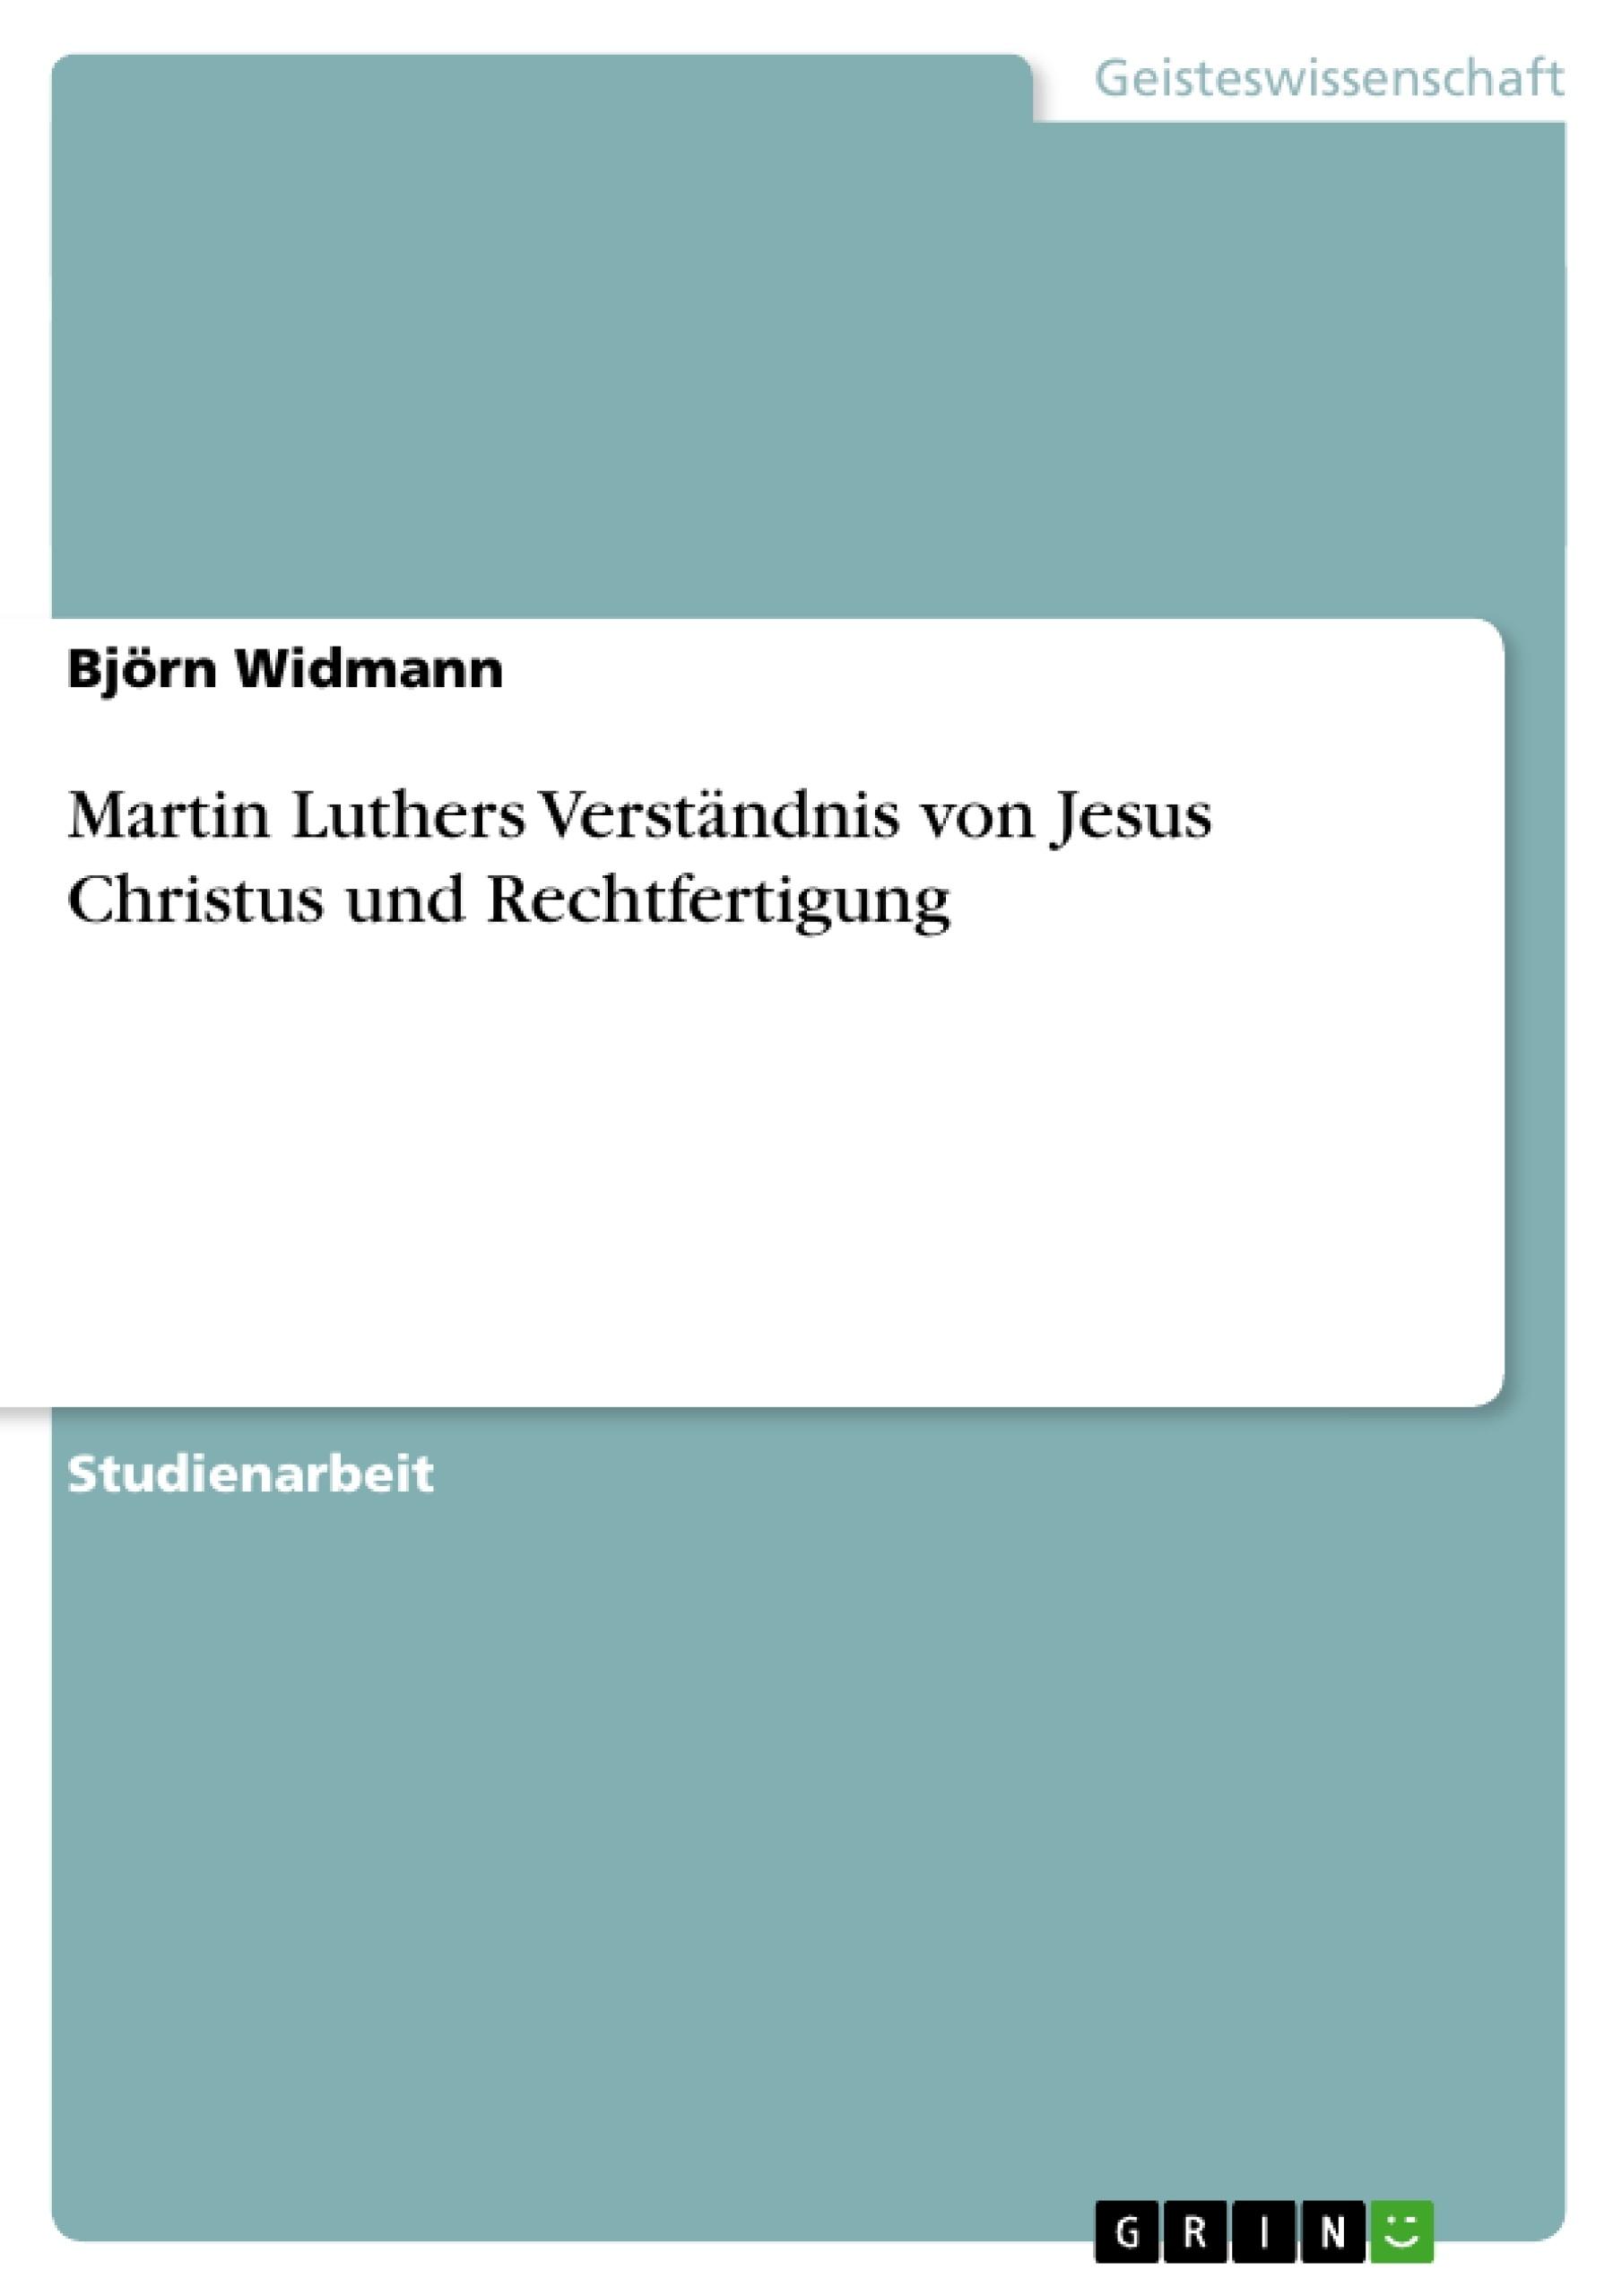 Titel: Martin Luthers Verständnis von Jesus Christus und Rechtfertigung